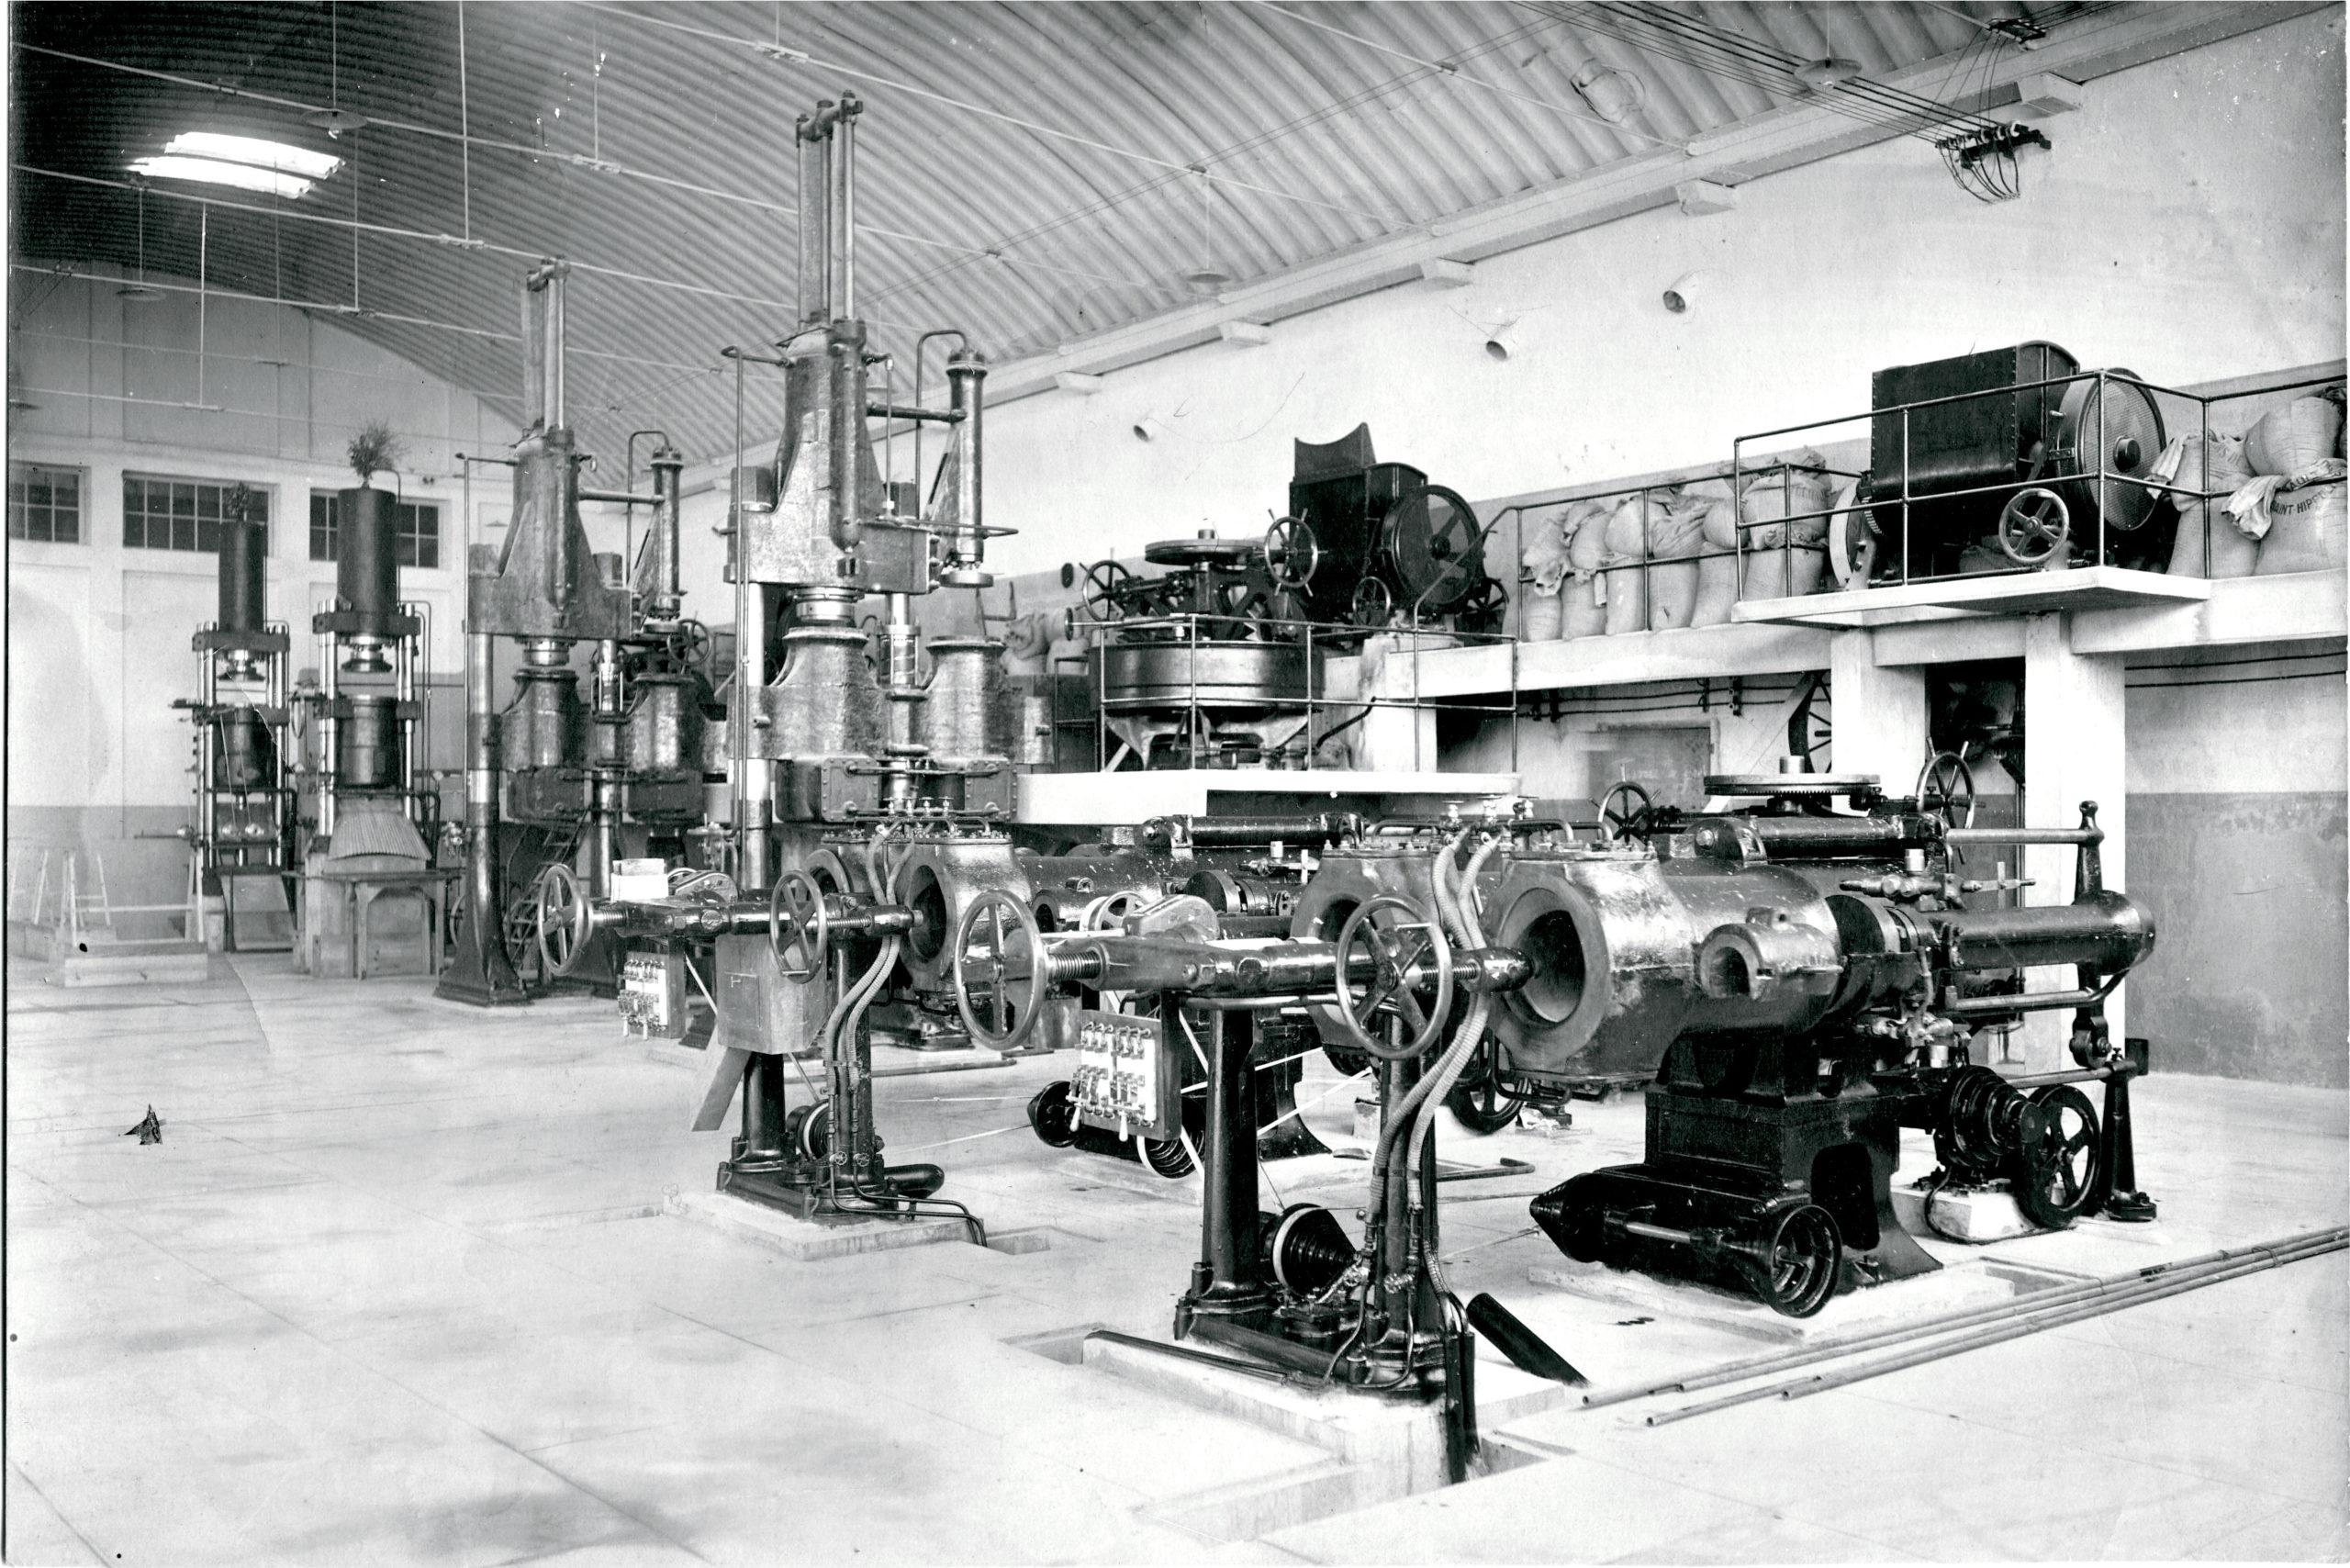 usine de bozon verduraz en savoie